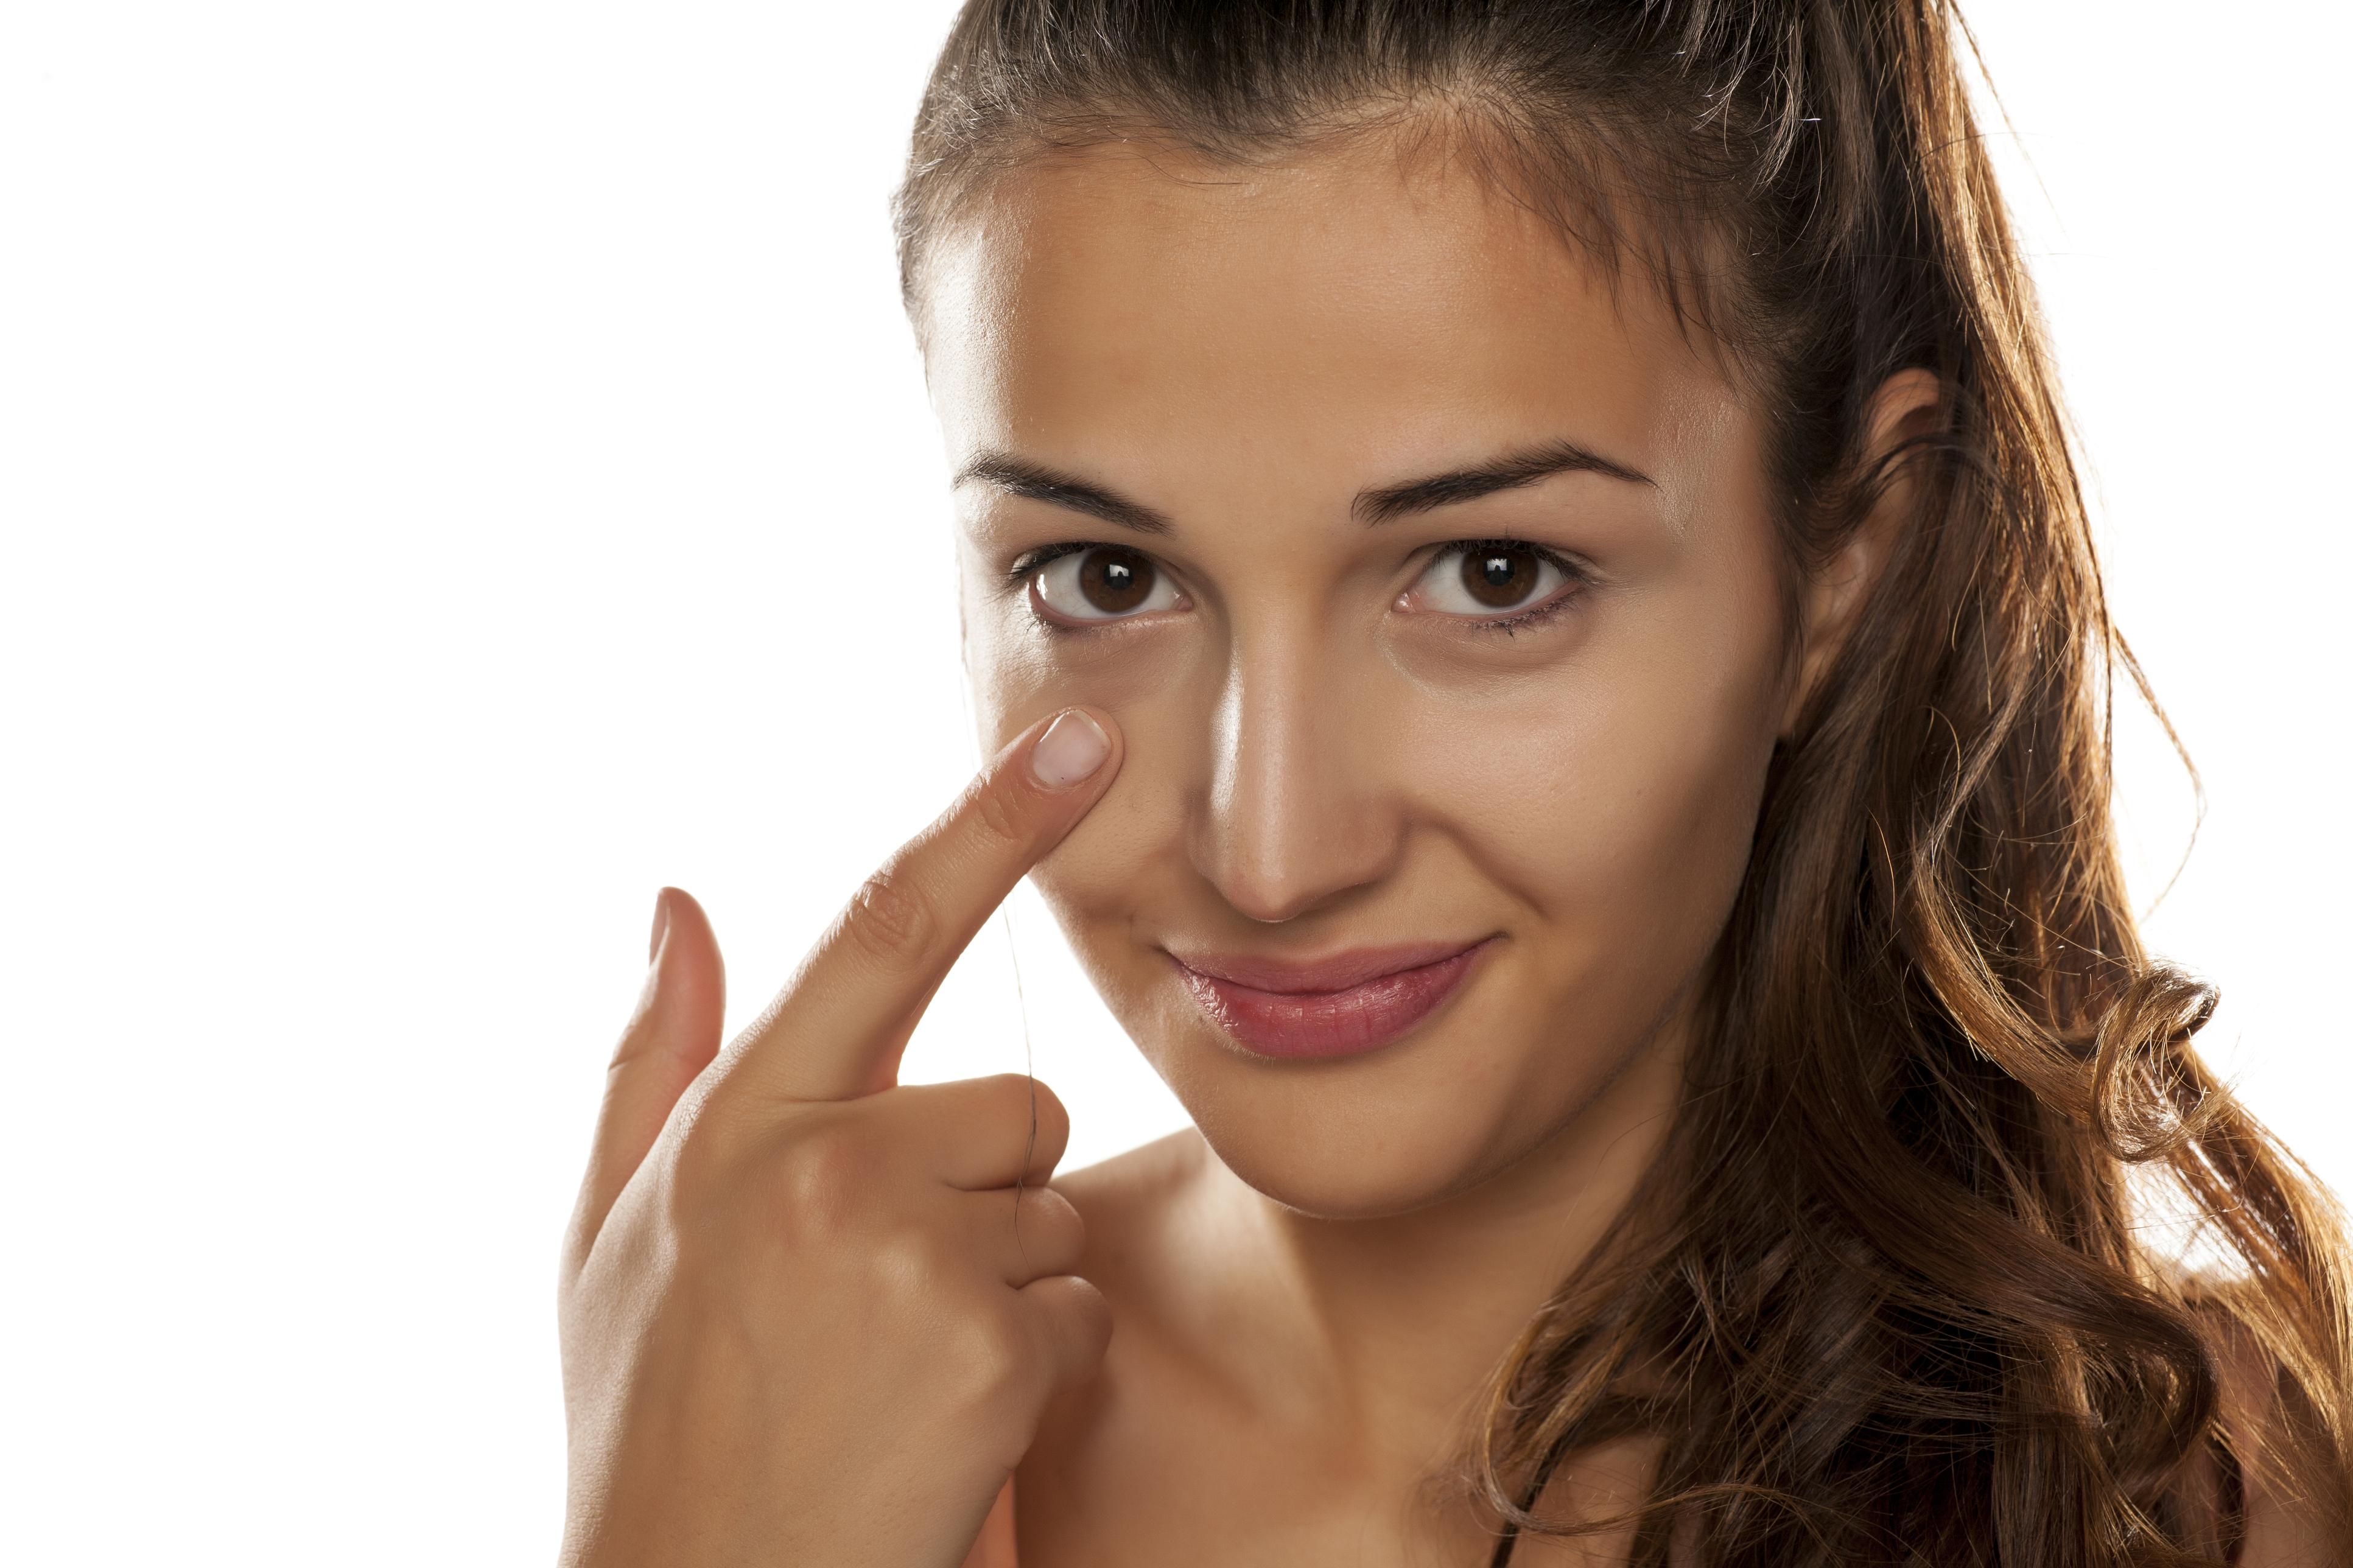 A especialista em córnea e doenças oculares externas, Luciana Olivalves, separou oito dicas, que fazem a diferença no cuidado com os olhos.